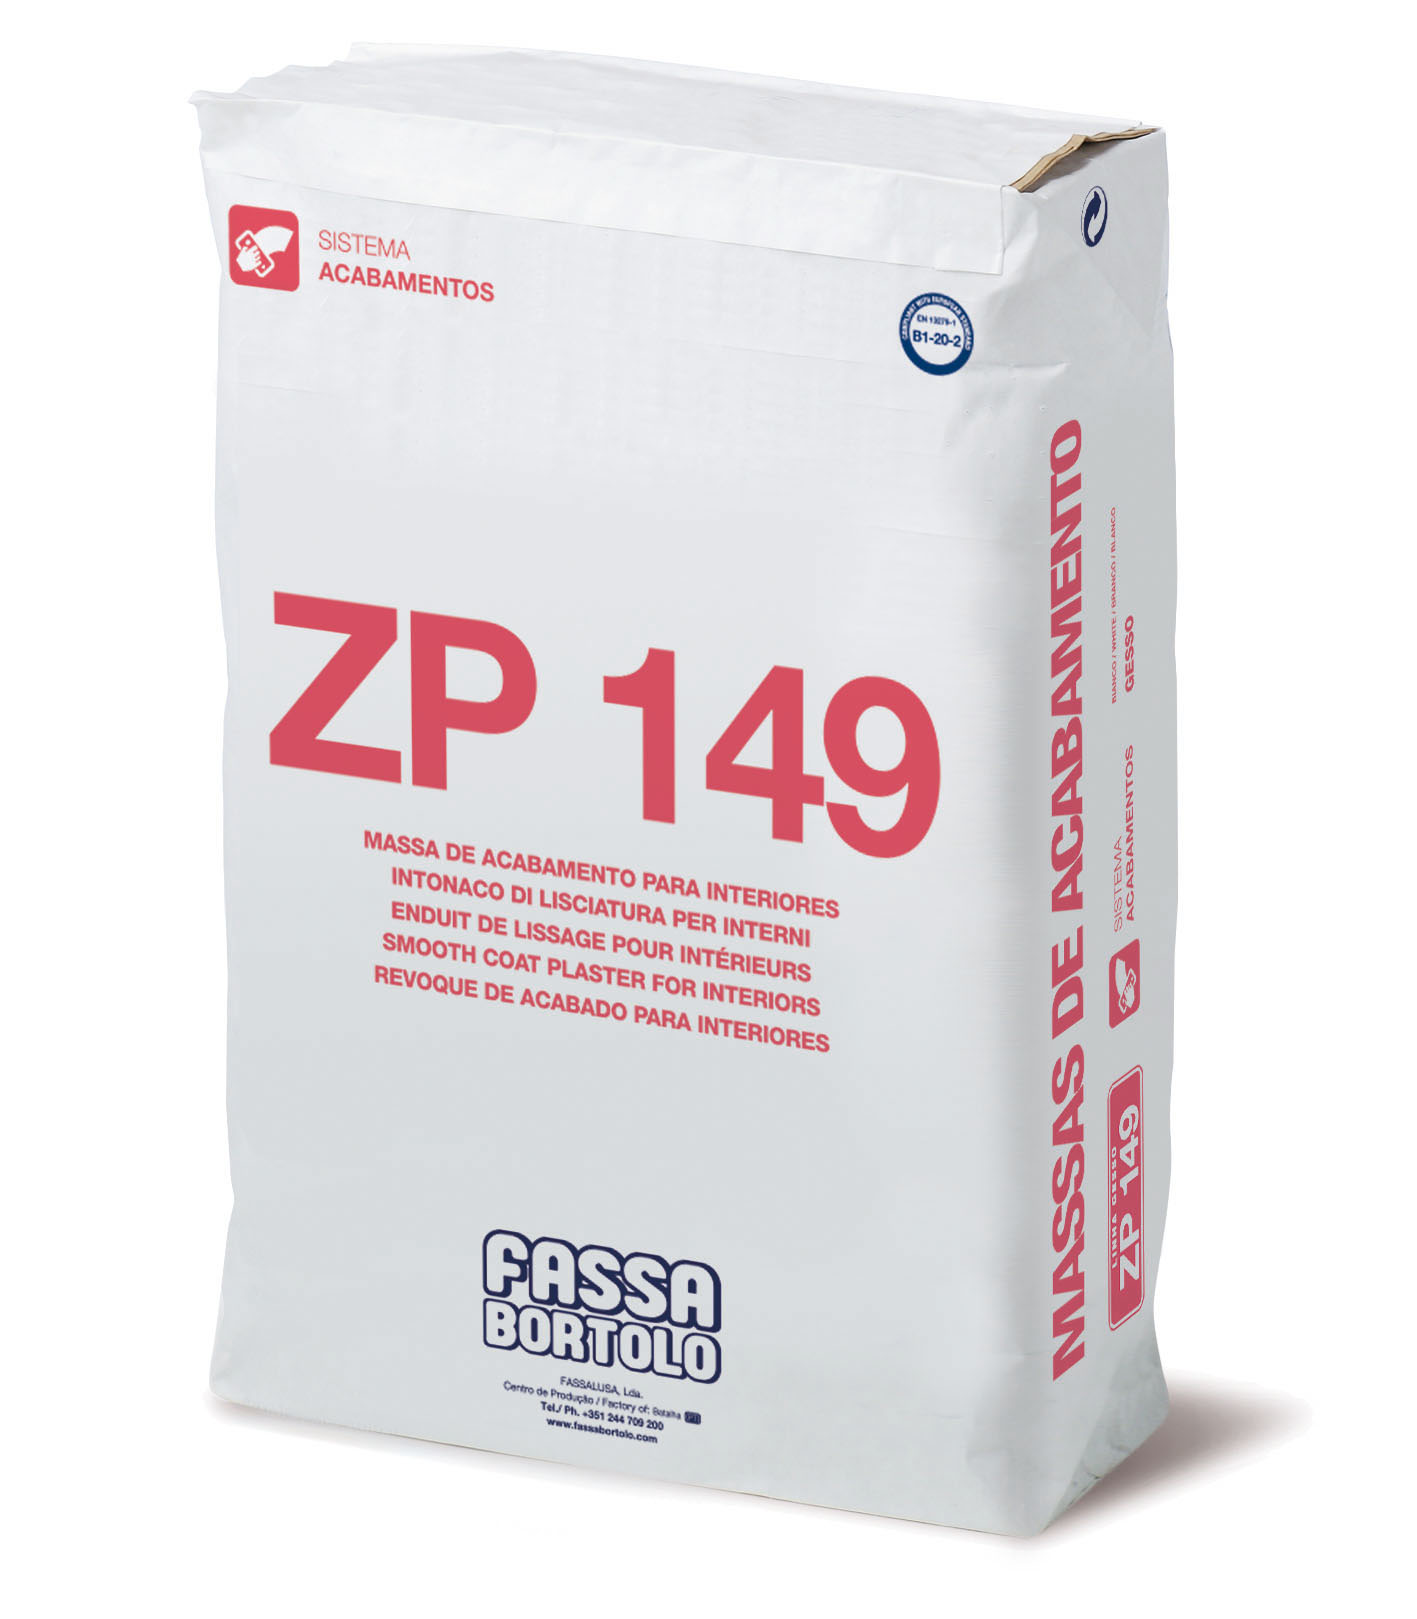 ZP 149: Massa de acabamento à base de gesso para interior